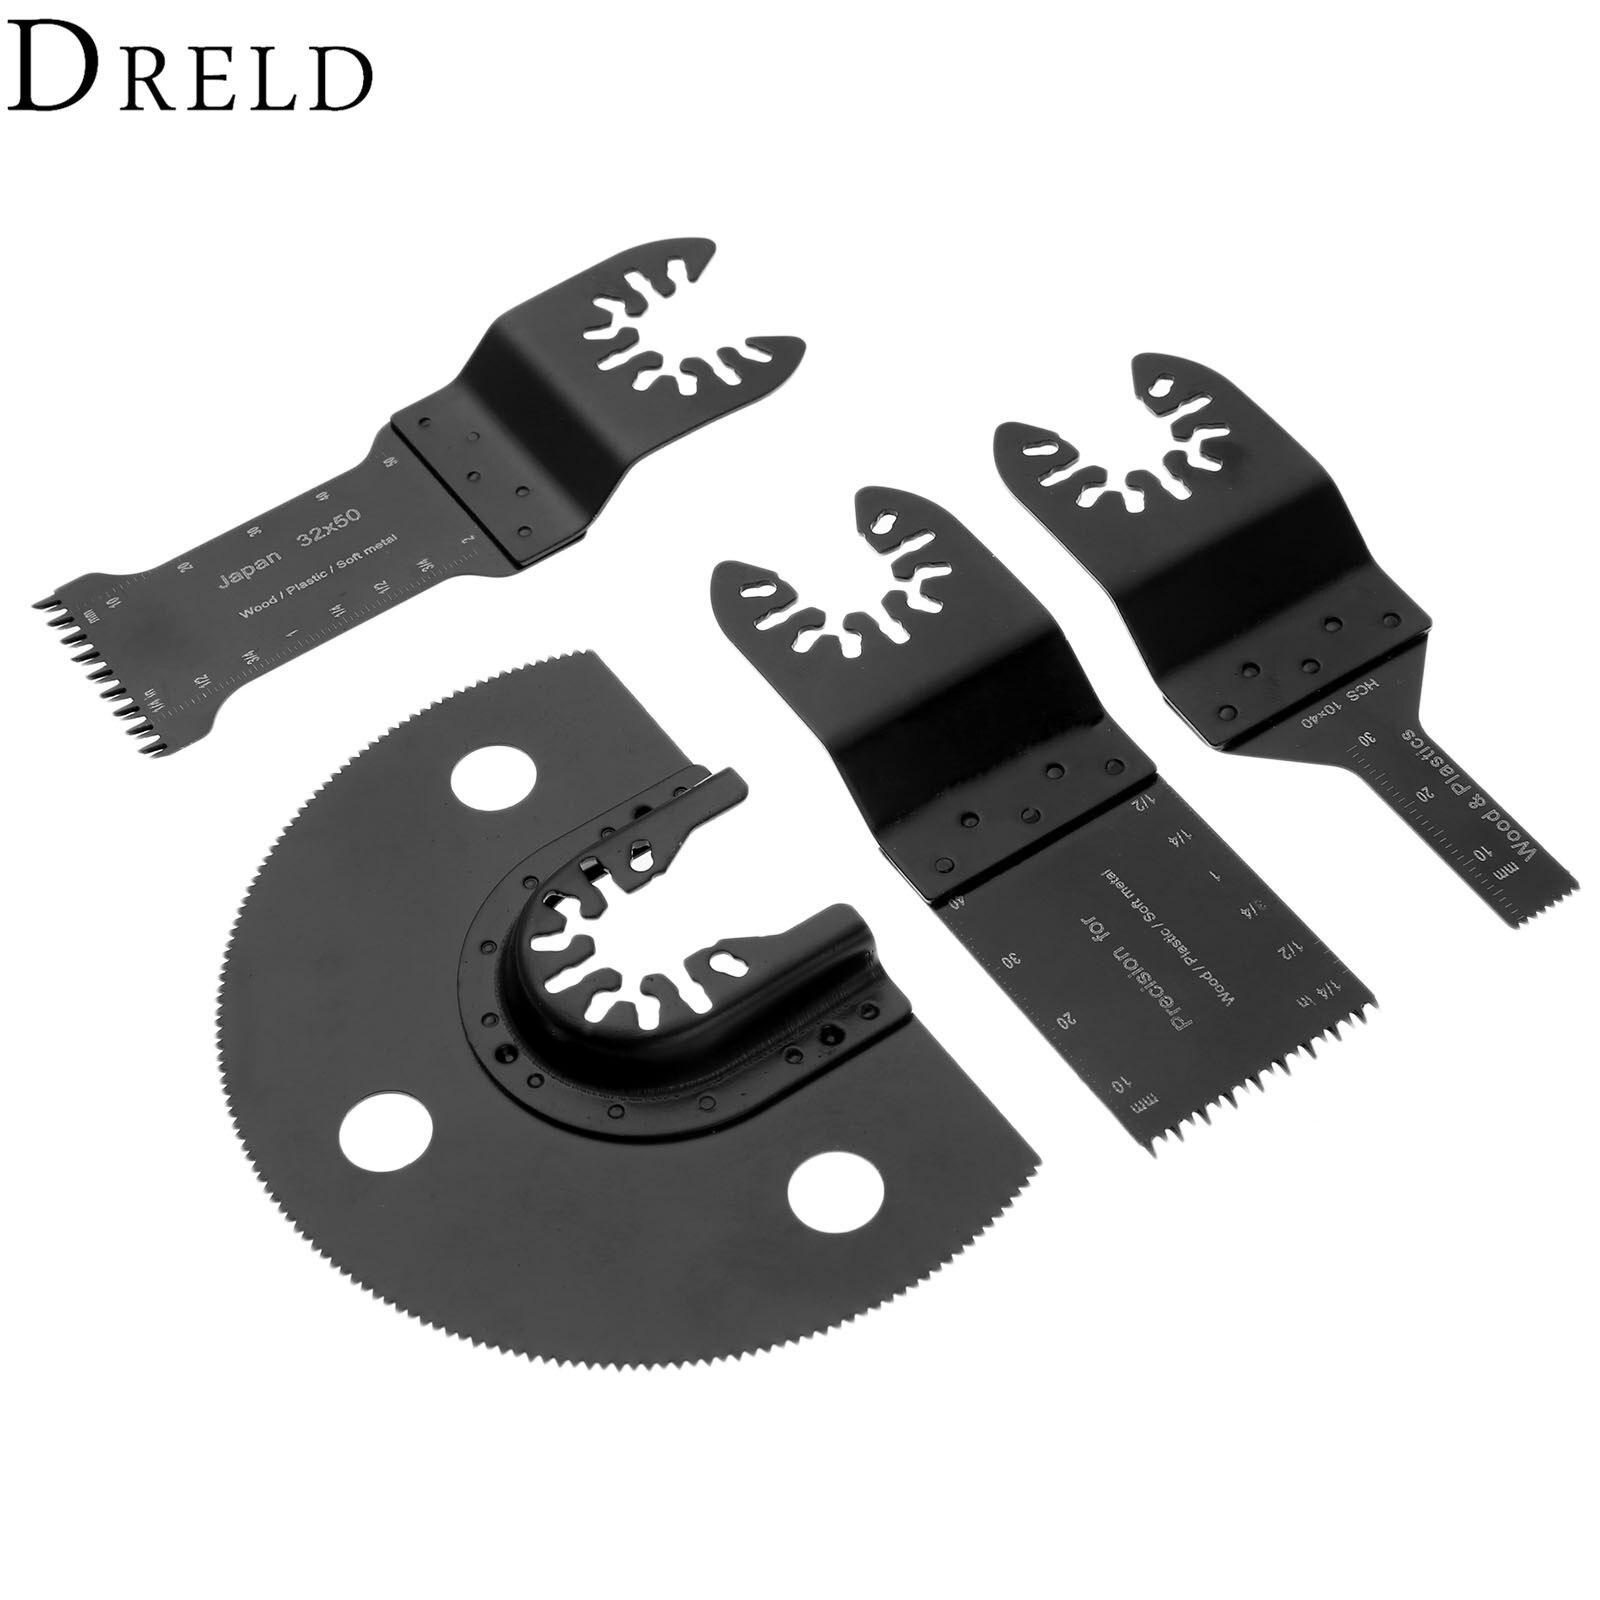 Dreld 4 unids/set oscilante multi Herramientas HCS Hojas de sierra para MultiMaster Fein dremel renovador Bosch herramienta para metal Cúter